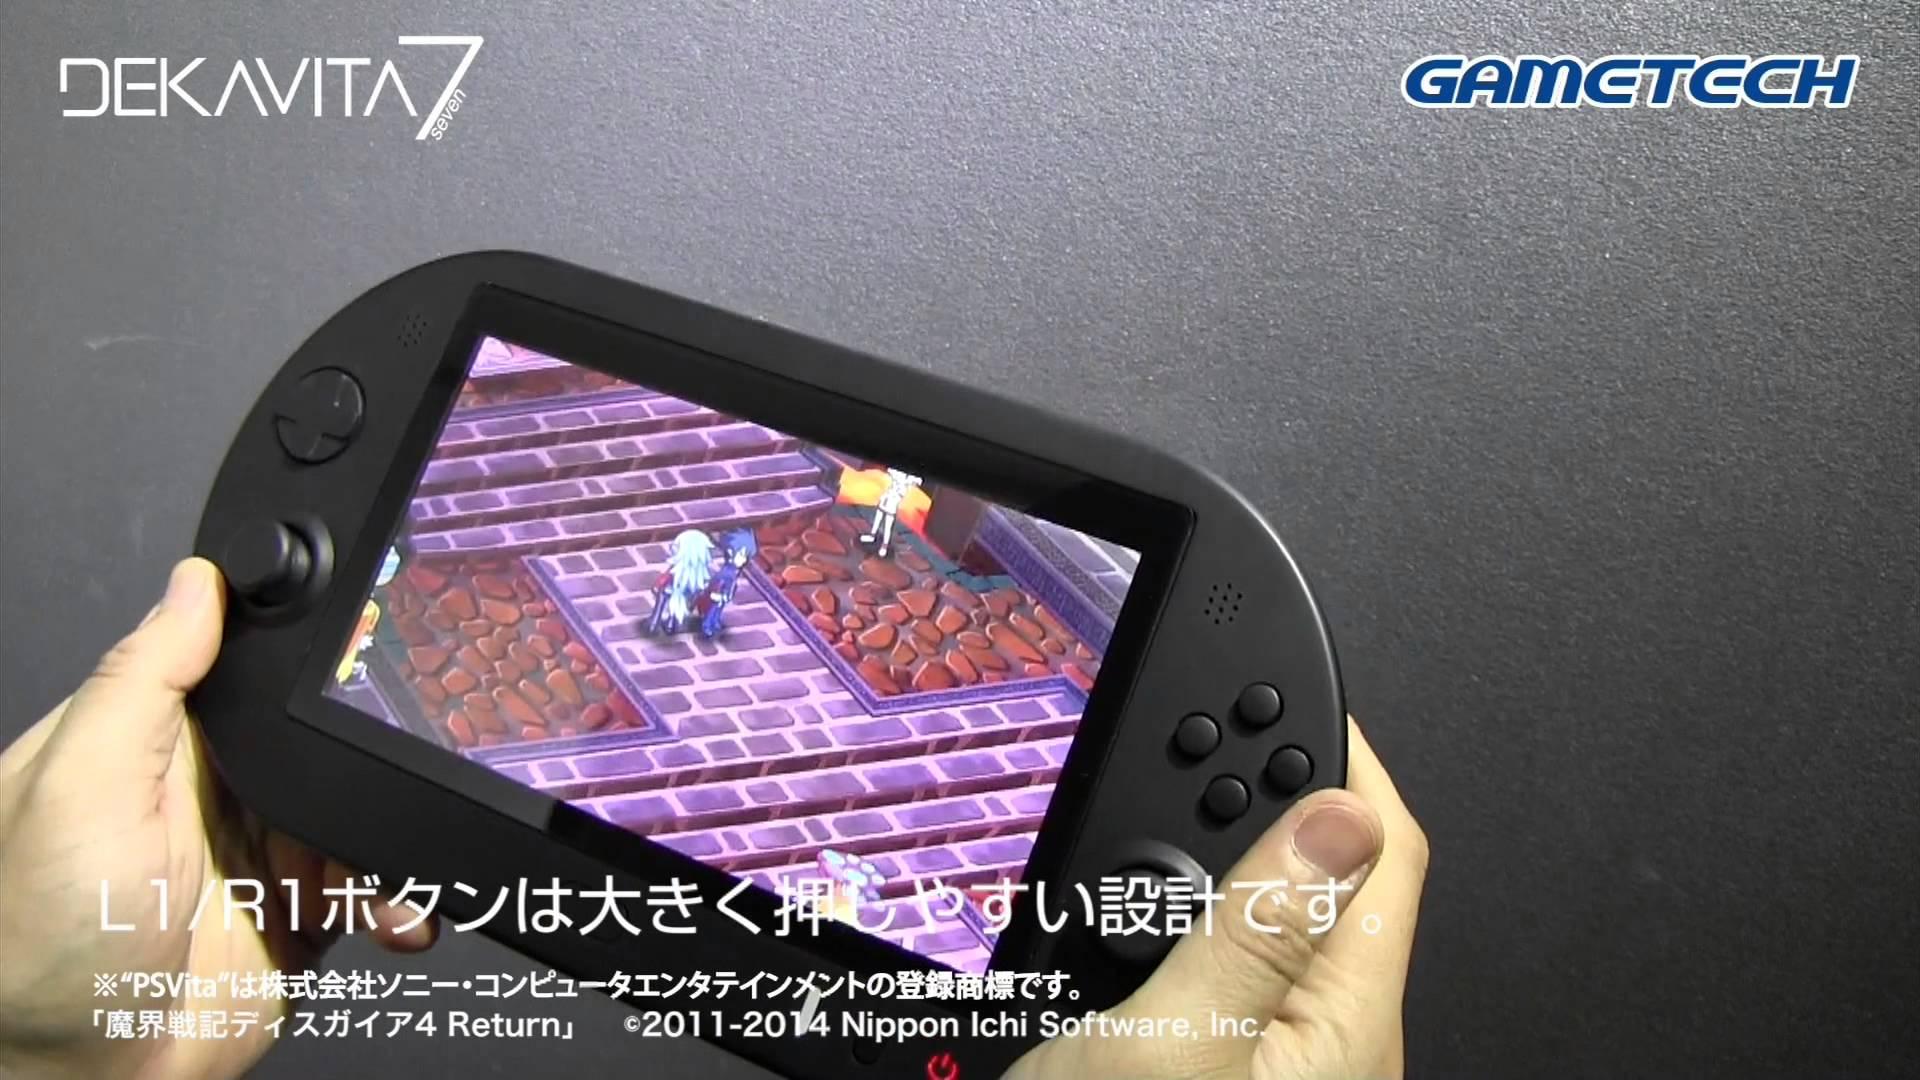 話題の周辺機器『DEKAVITA7』実際にPS Vita TVとPS3を接続して使用するデモ映像